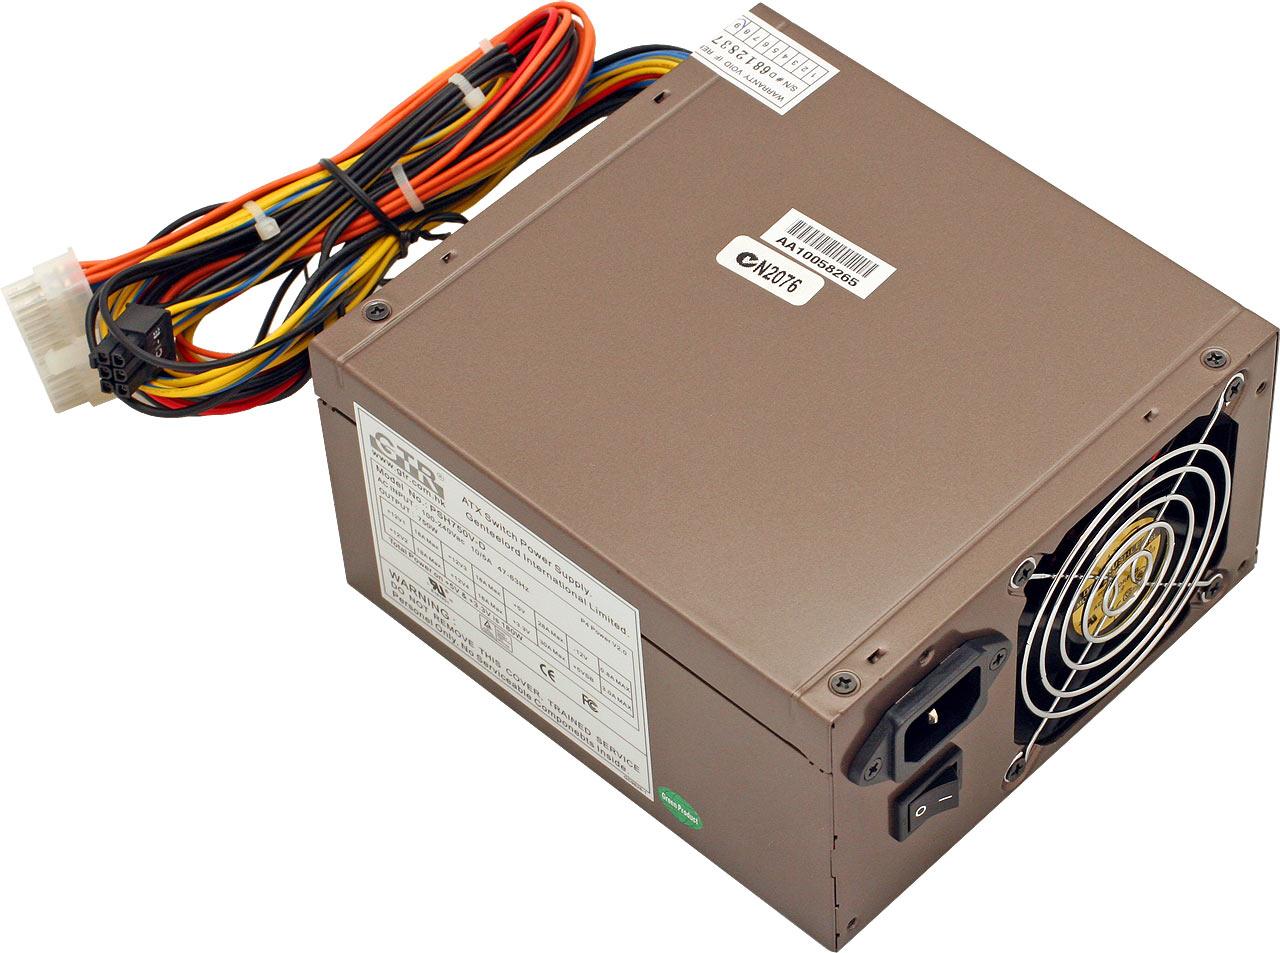 Review: GTR high-power modular power supplies